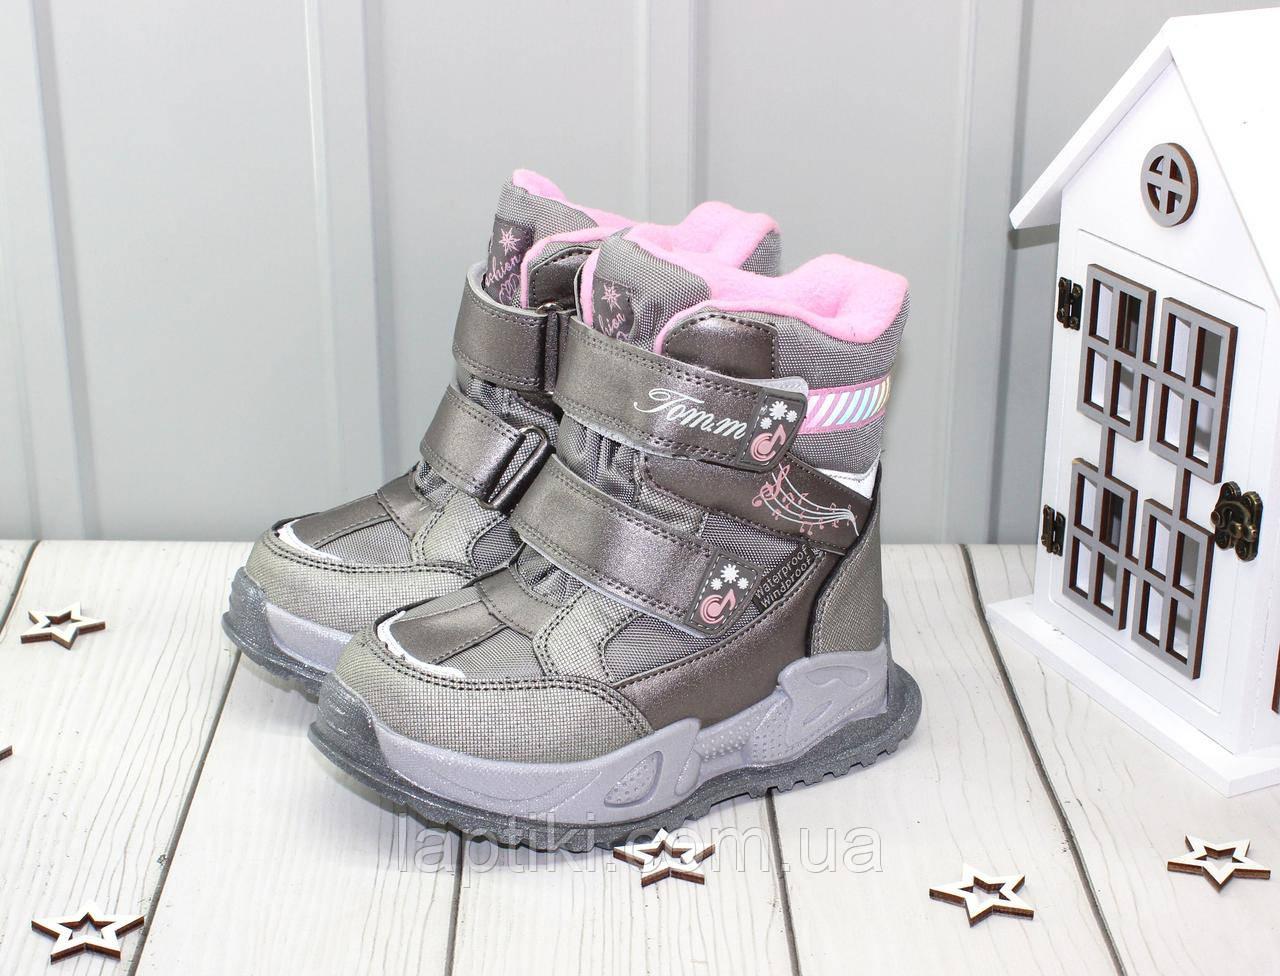 Зимние термоботинки для девочек от фирмы Тоm.m